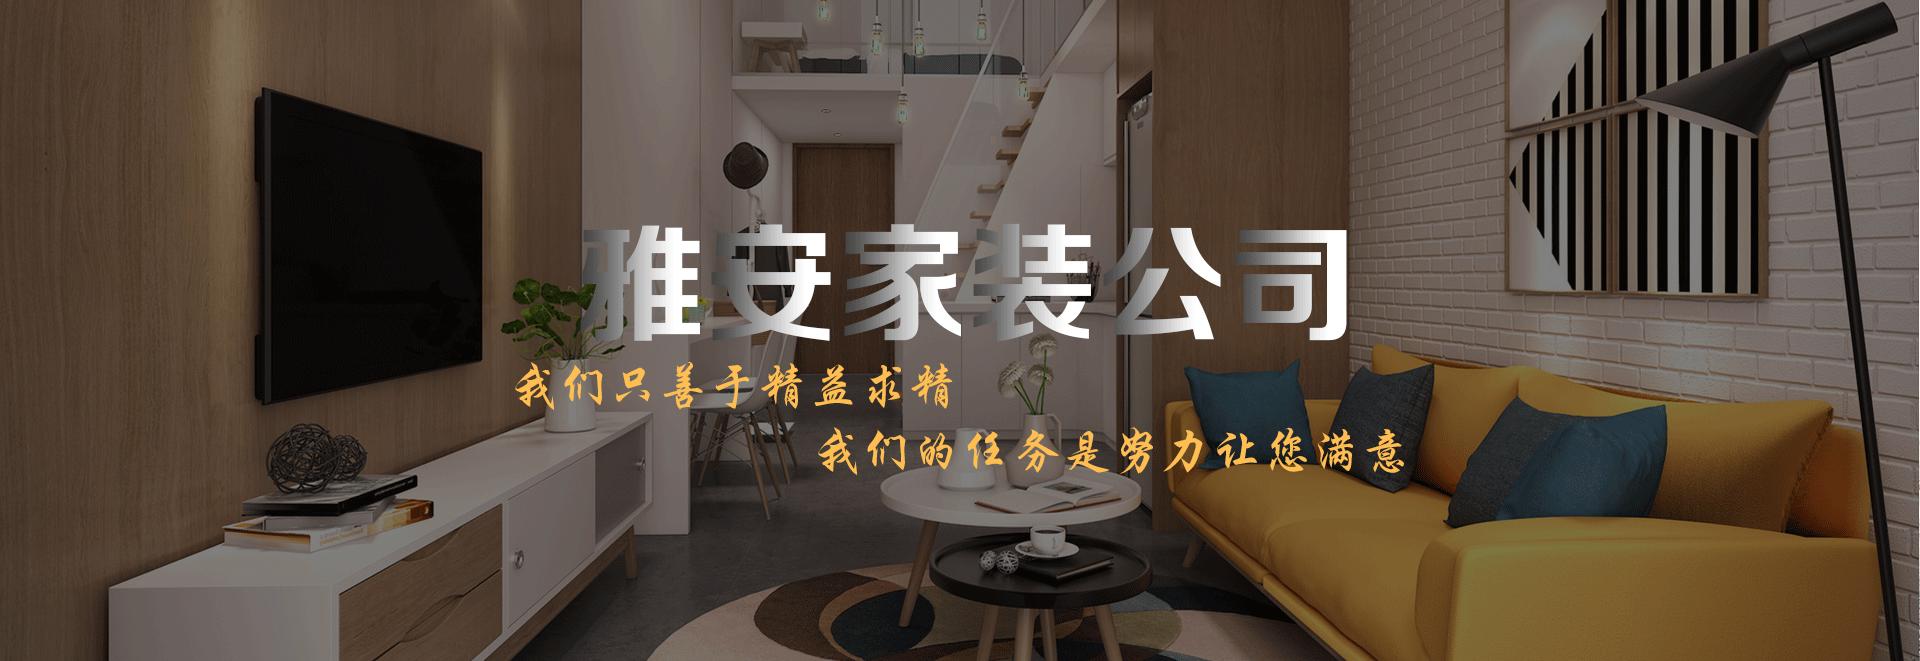 雅安安徽11选5中奖规则公司